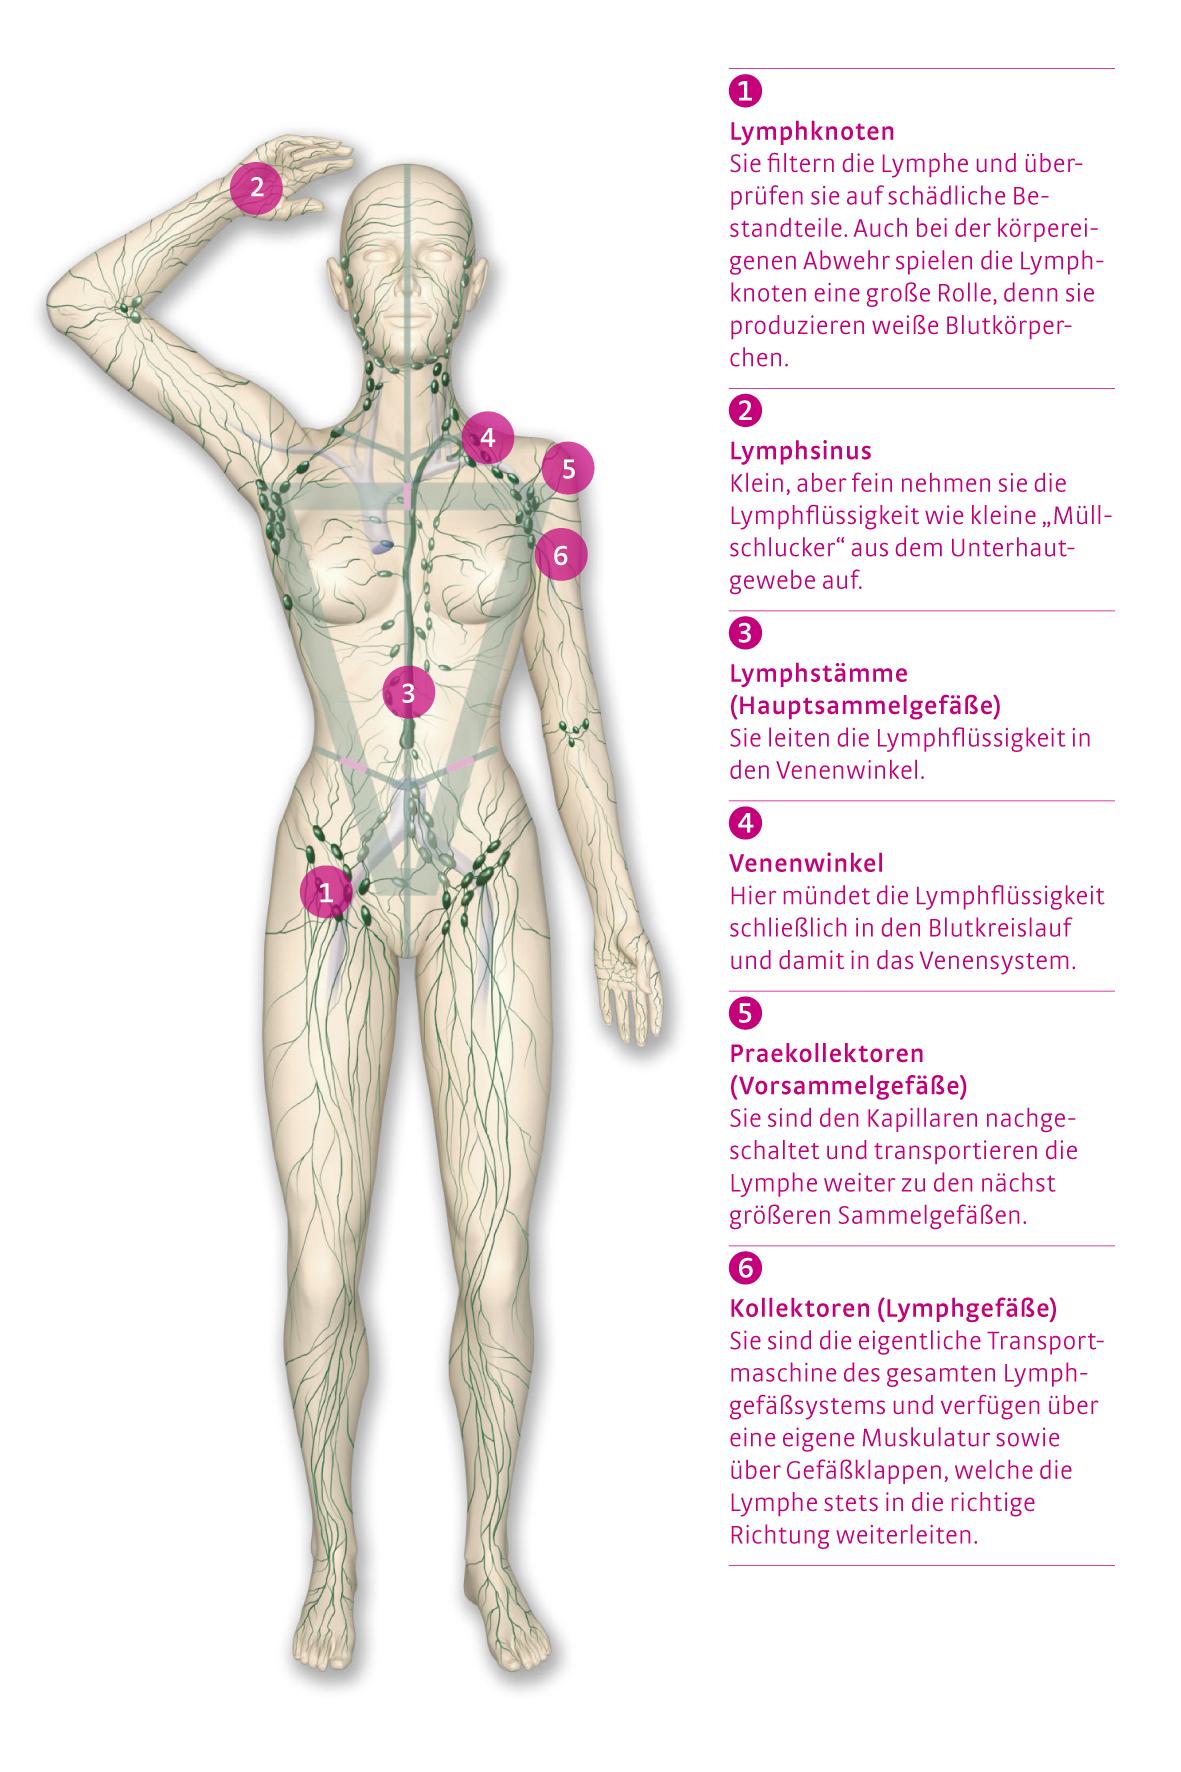 Großartig Venensystem Anatomie Zeitgenössisch - Anatomie Ideen ...